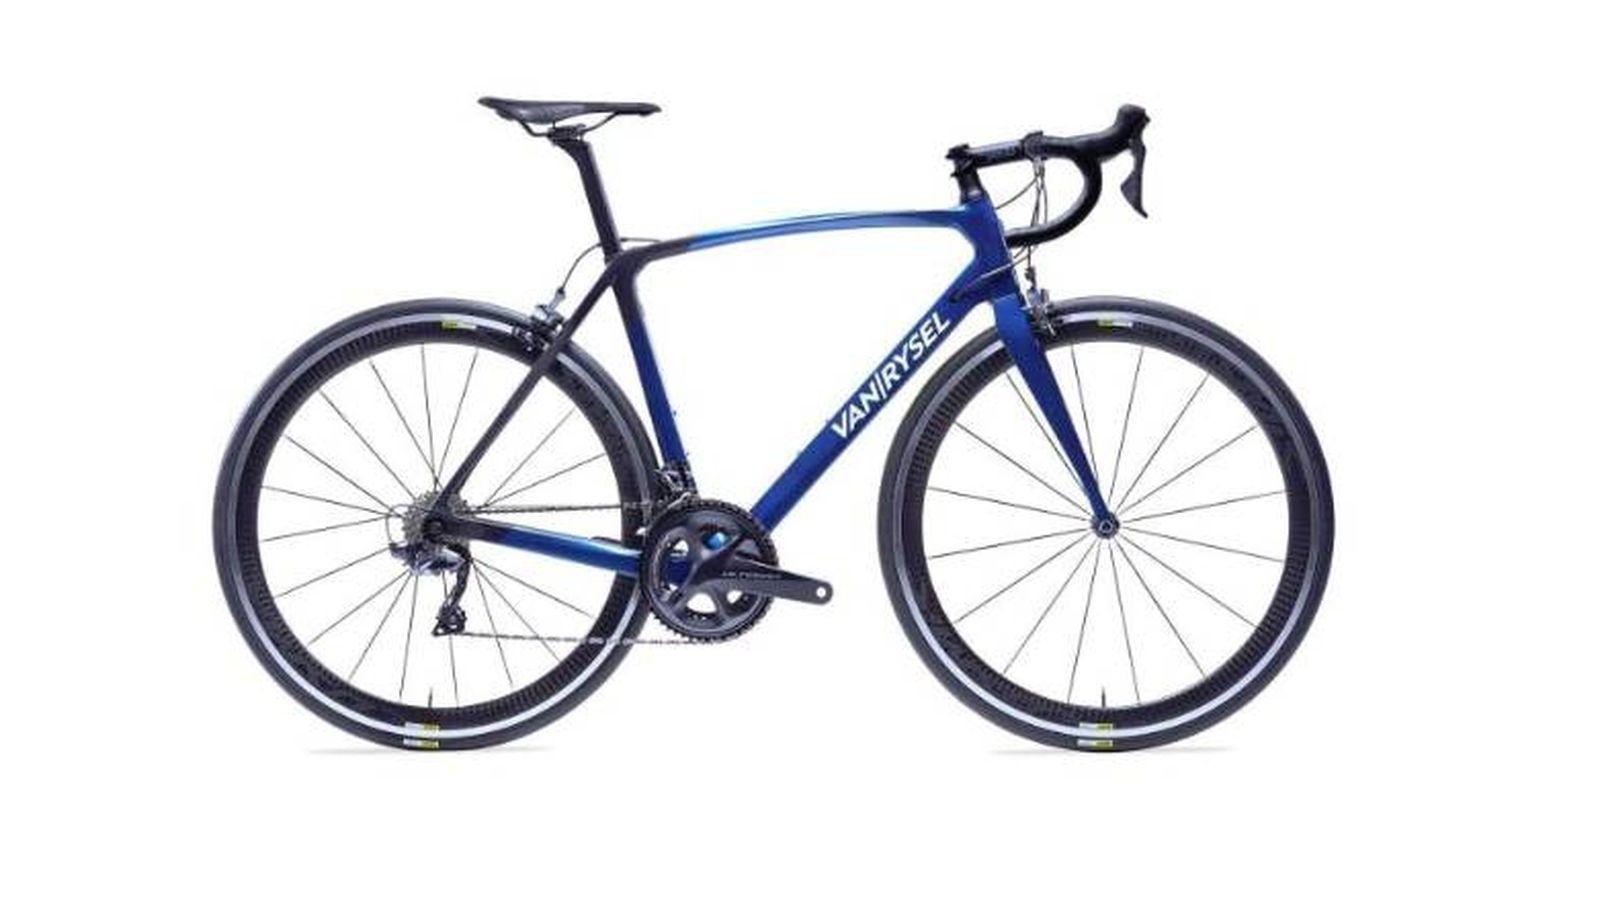 f98aa69d2 Bicicletas de gama alta a precios asequibles: la bomba que prepara Decathlon